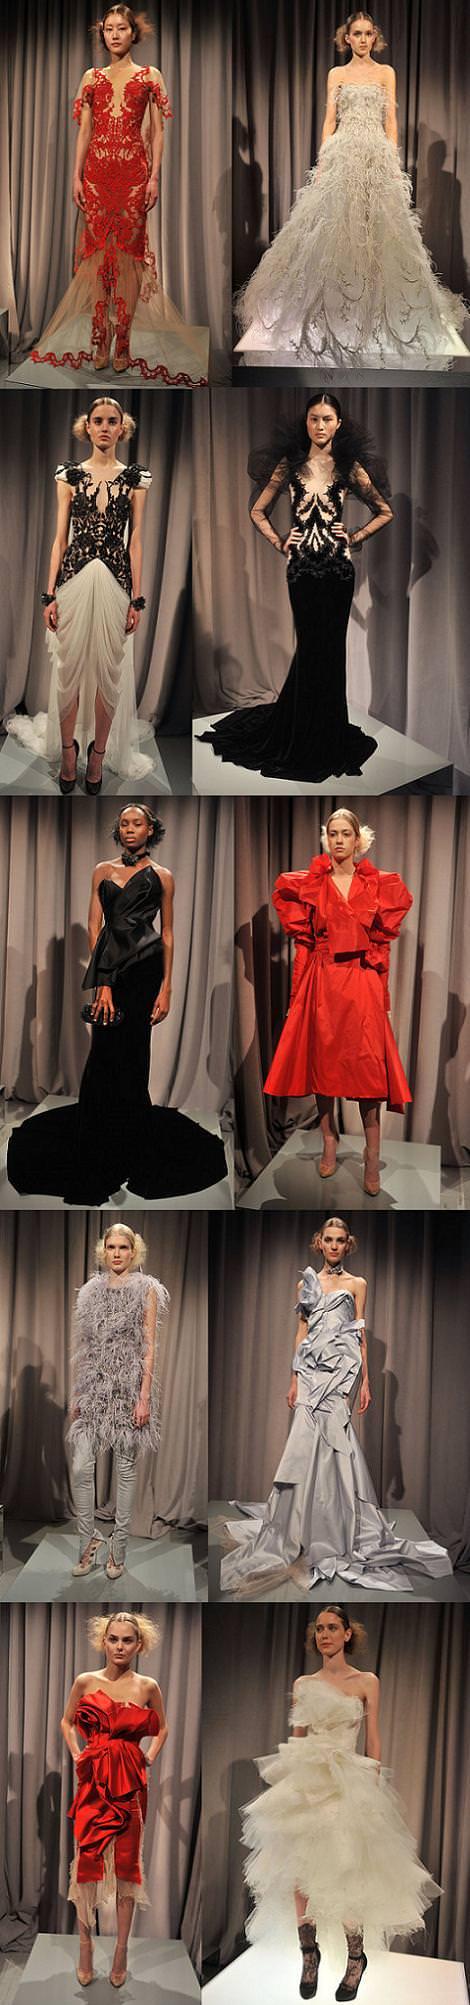 Vestidos de Marchesa otoño invierno 2011 2012